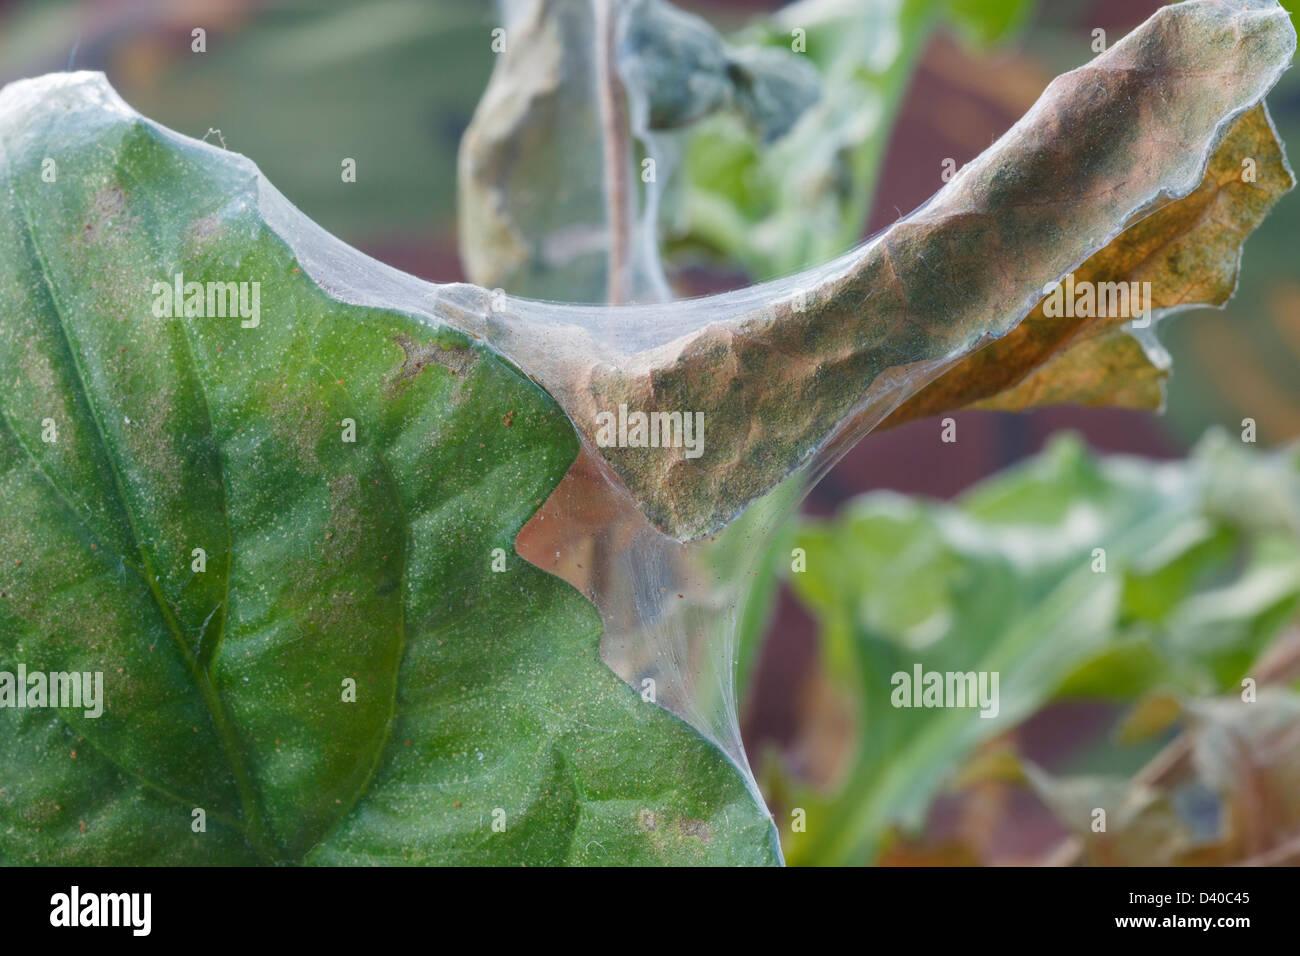 Spider mite on houseplants